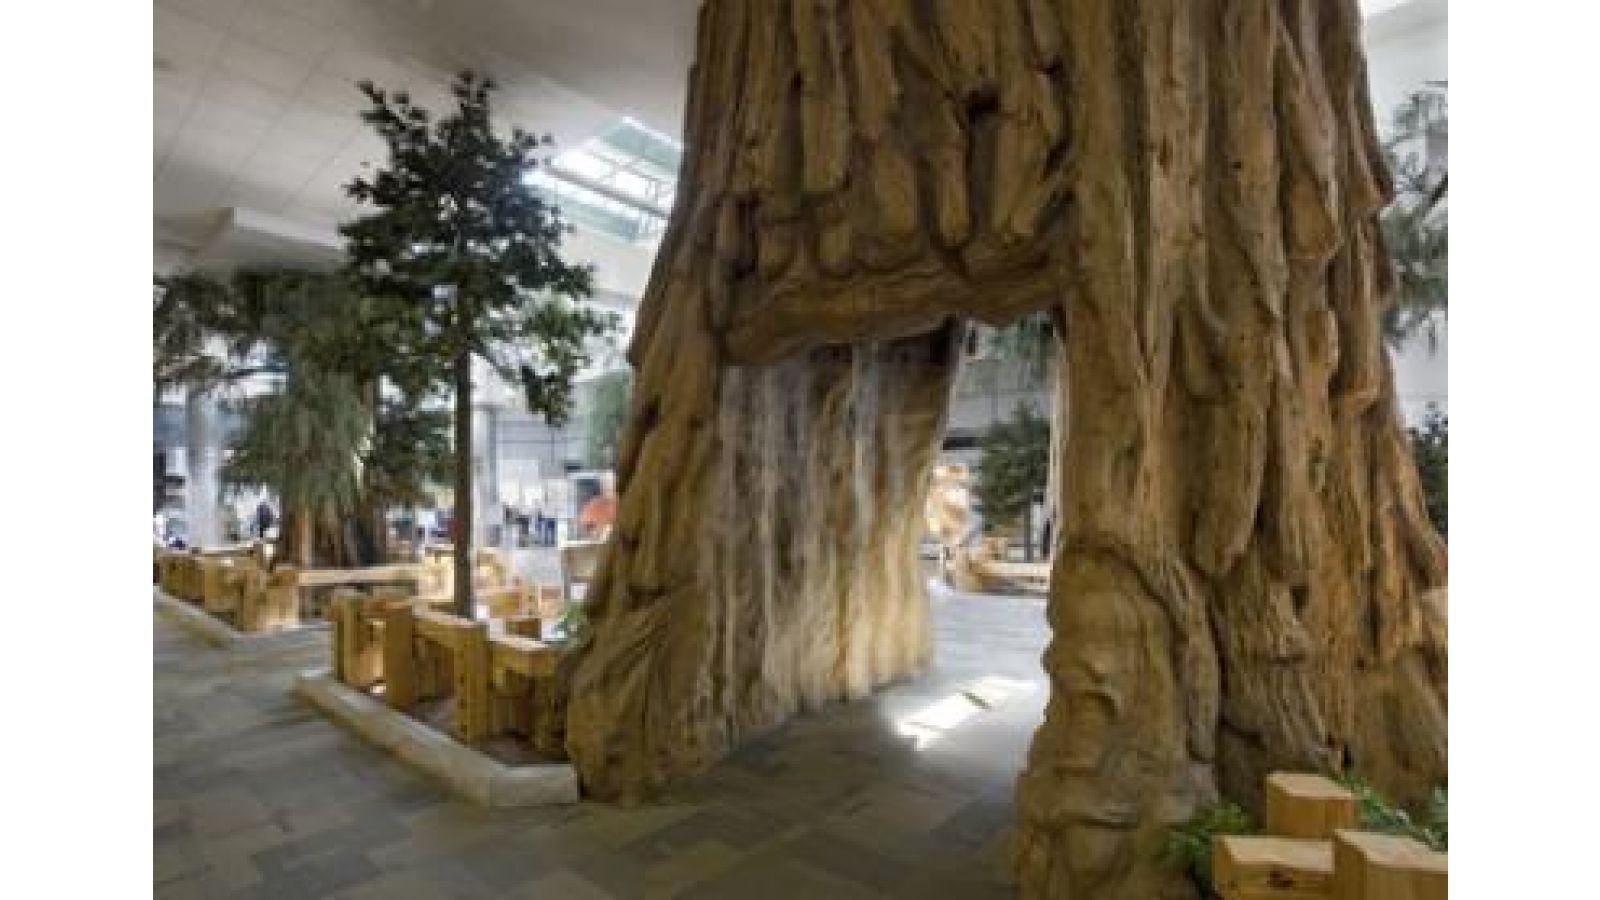 Sequoia-Scape – Airport Terminal